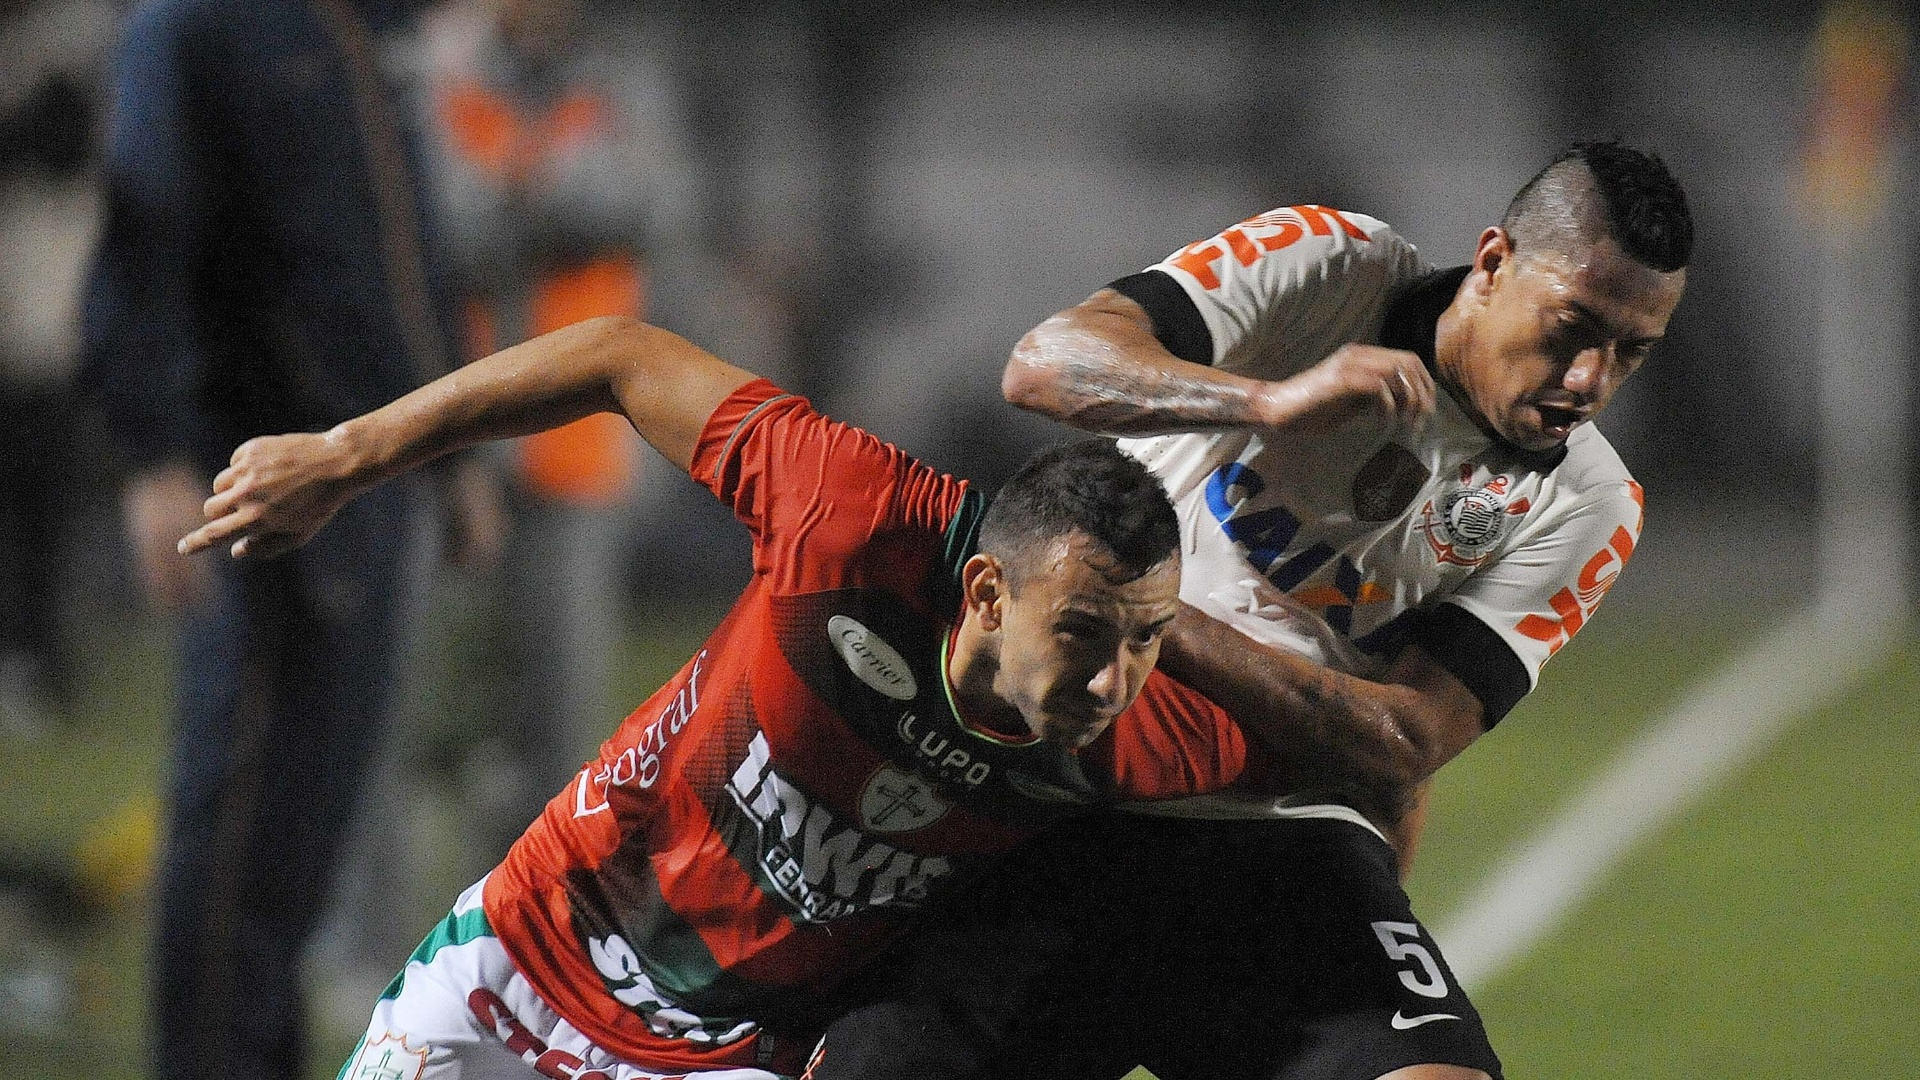 08.jun.2013 - Volante Ralf, do Corinthians, tenta desarmar jogador da Portuguesa em jogo do Campeonato Brasileiro